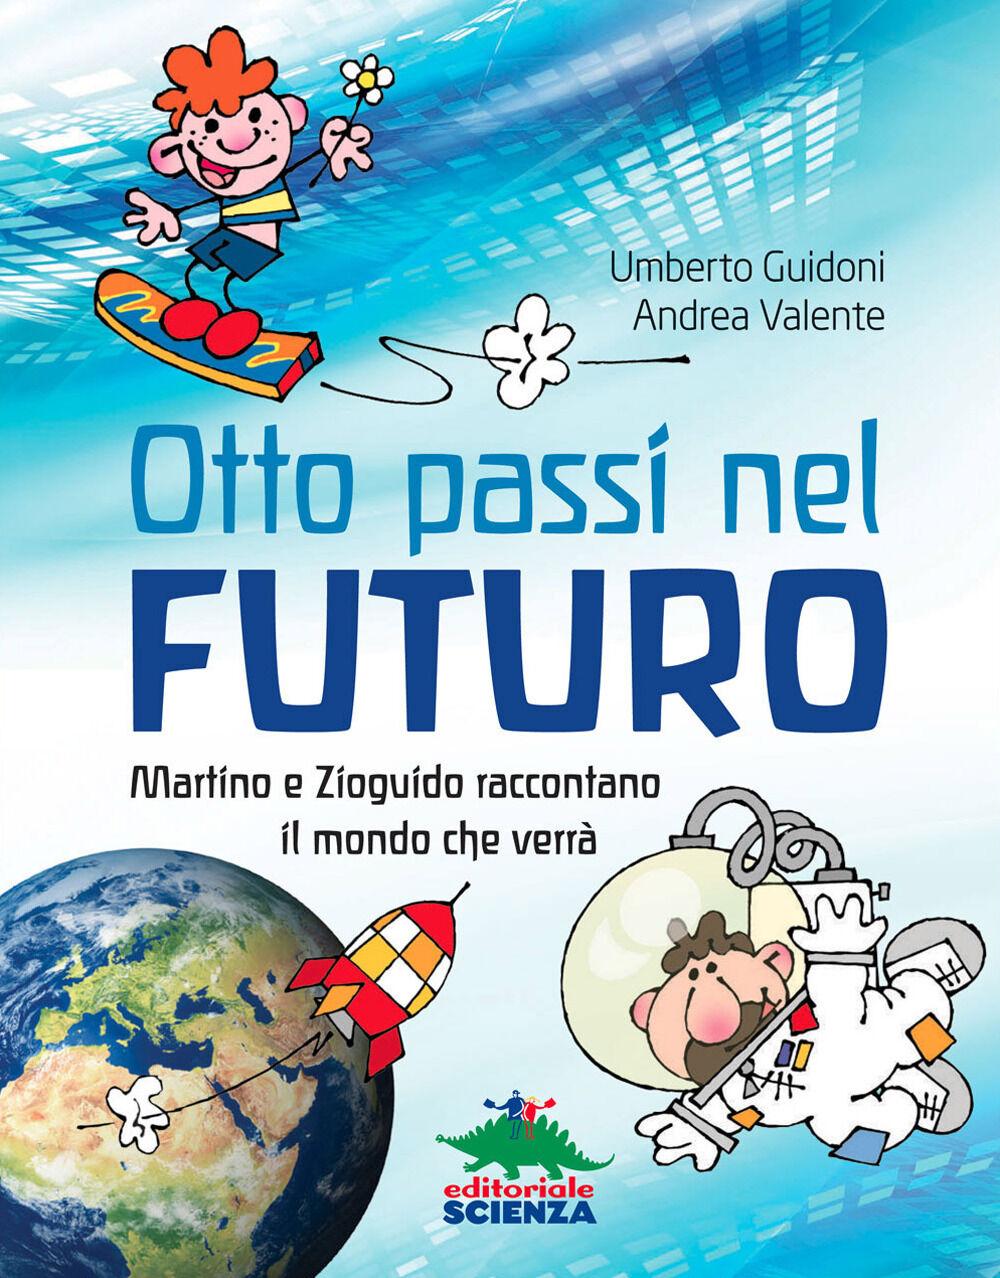 Otto passi nel futuro. Martino e Zioguido raccontano il mondo che verrà